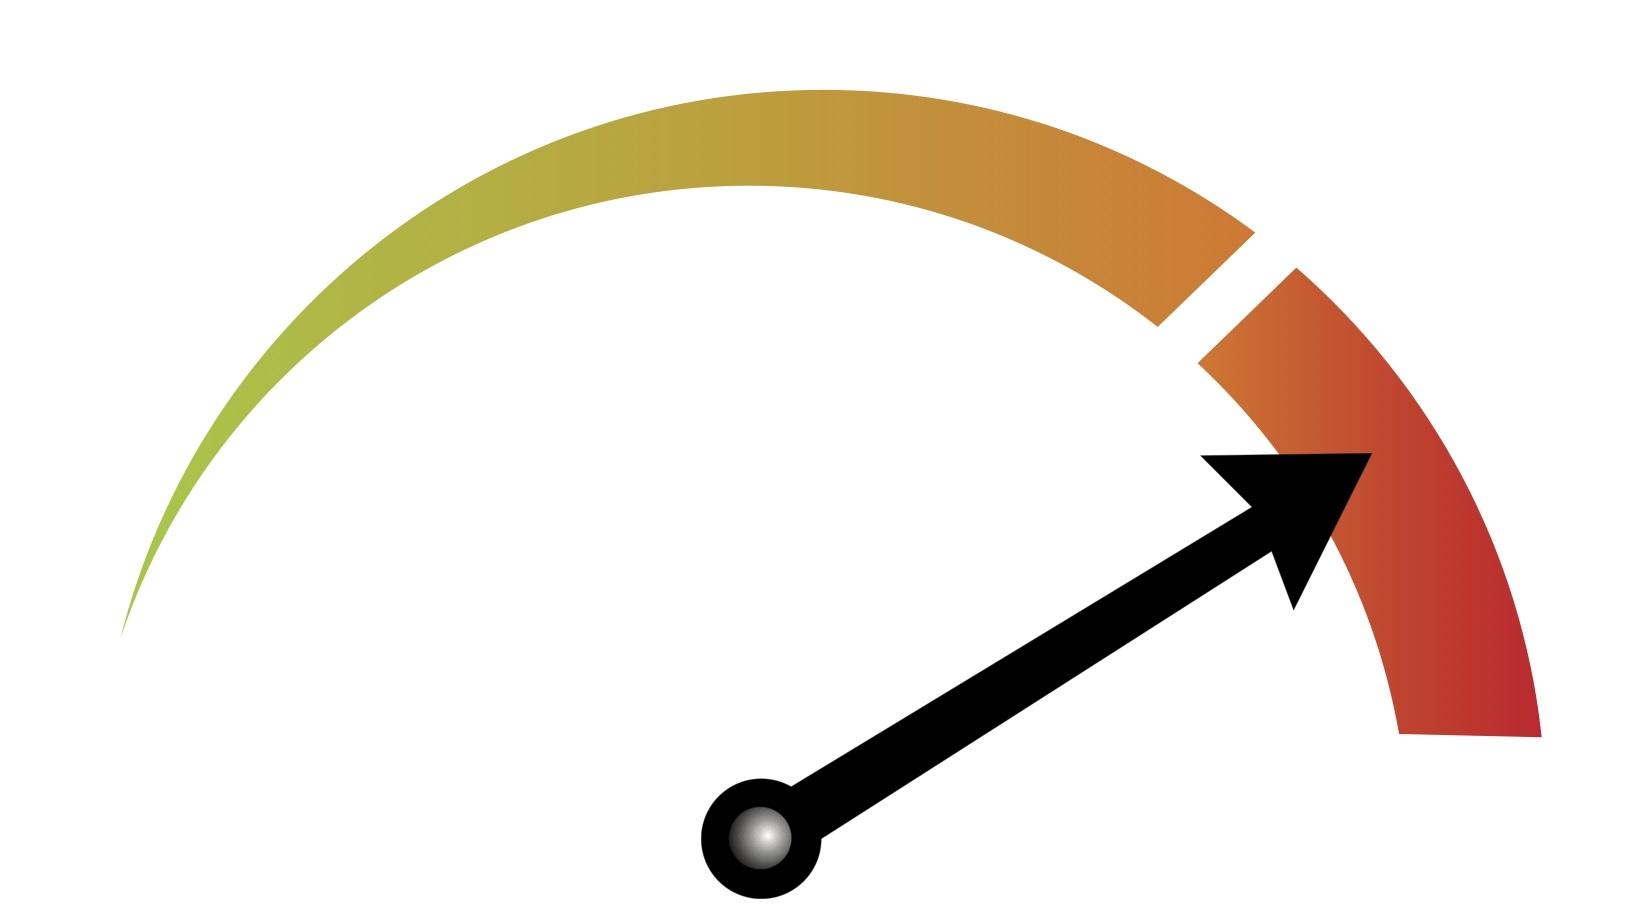 راهکارهایی برای افزایش سرعت بارگذاری سایت و تأثیر آن بر سئو